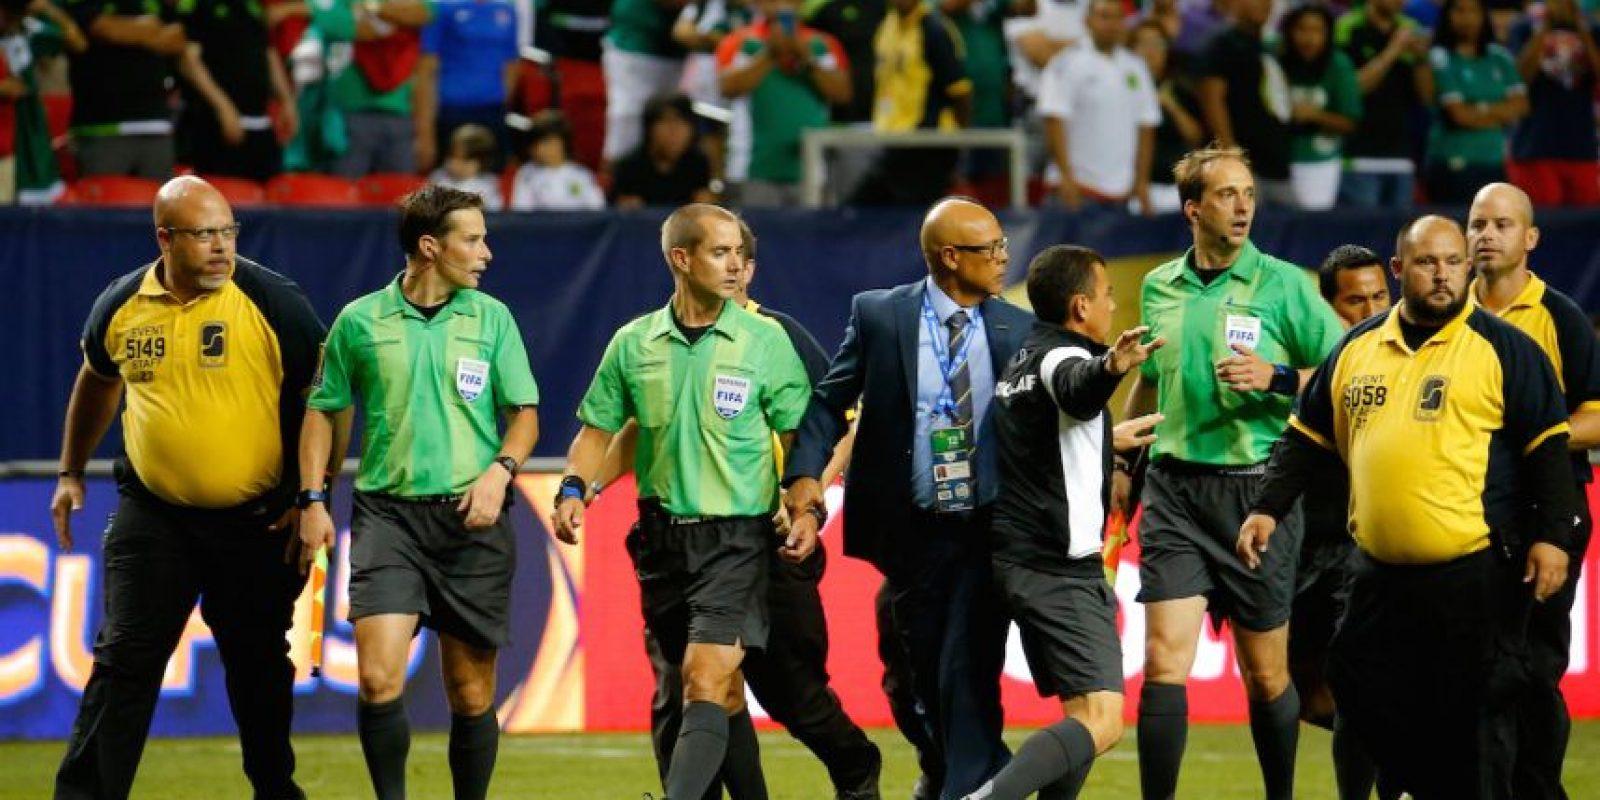 """El equipo mexicano recibió dos penales """"regalados"""" del árbitro Mark Geiger y con ello, avanzó a la final del torneo de Concacaf. Foto:Getty Images"""